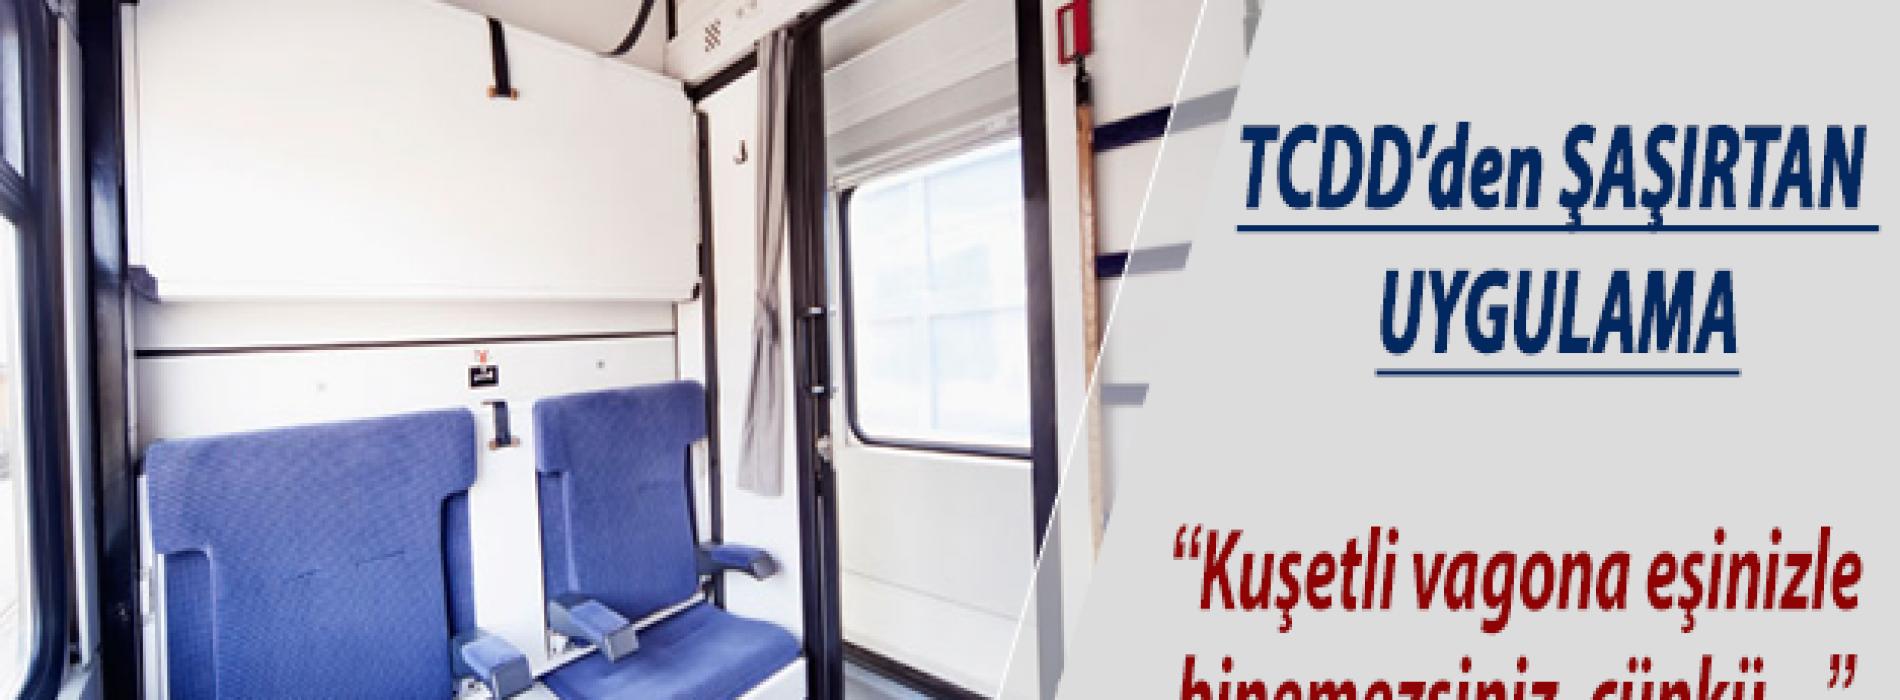 Harem Selamlık TCDD Biletlerini Biliyor Muydunuz ?